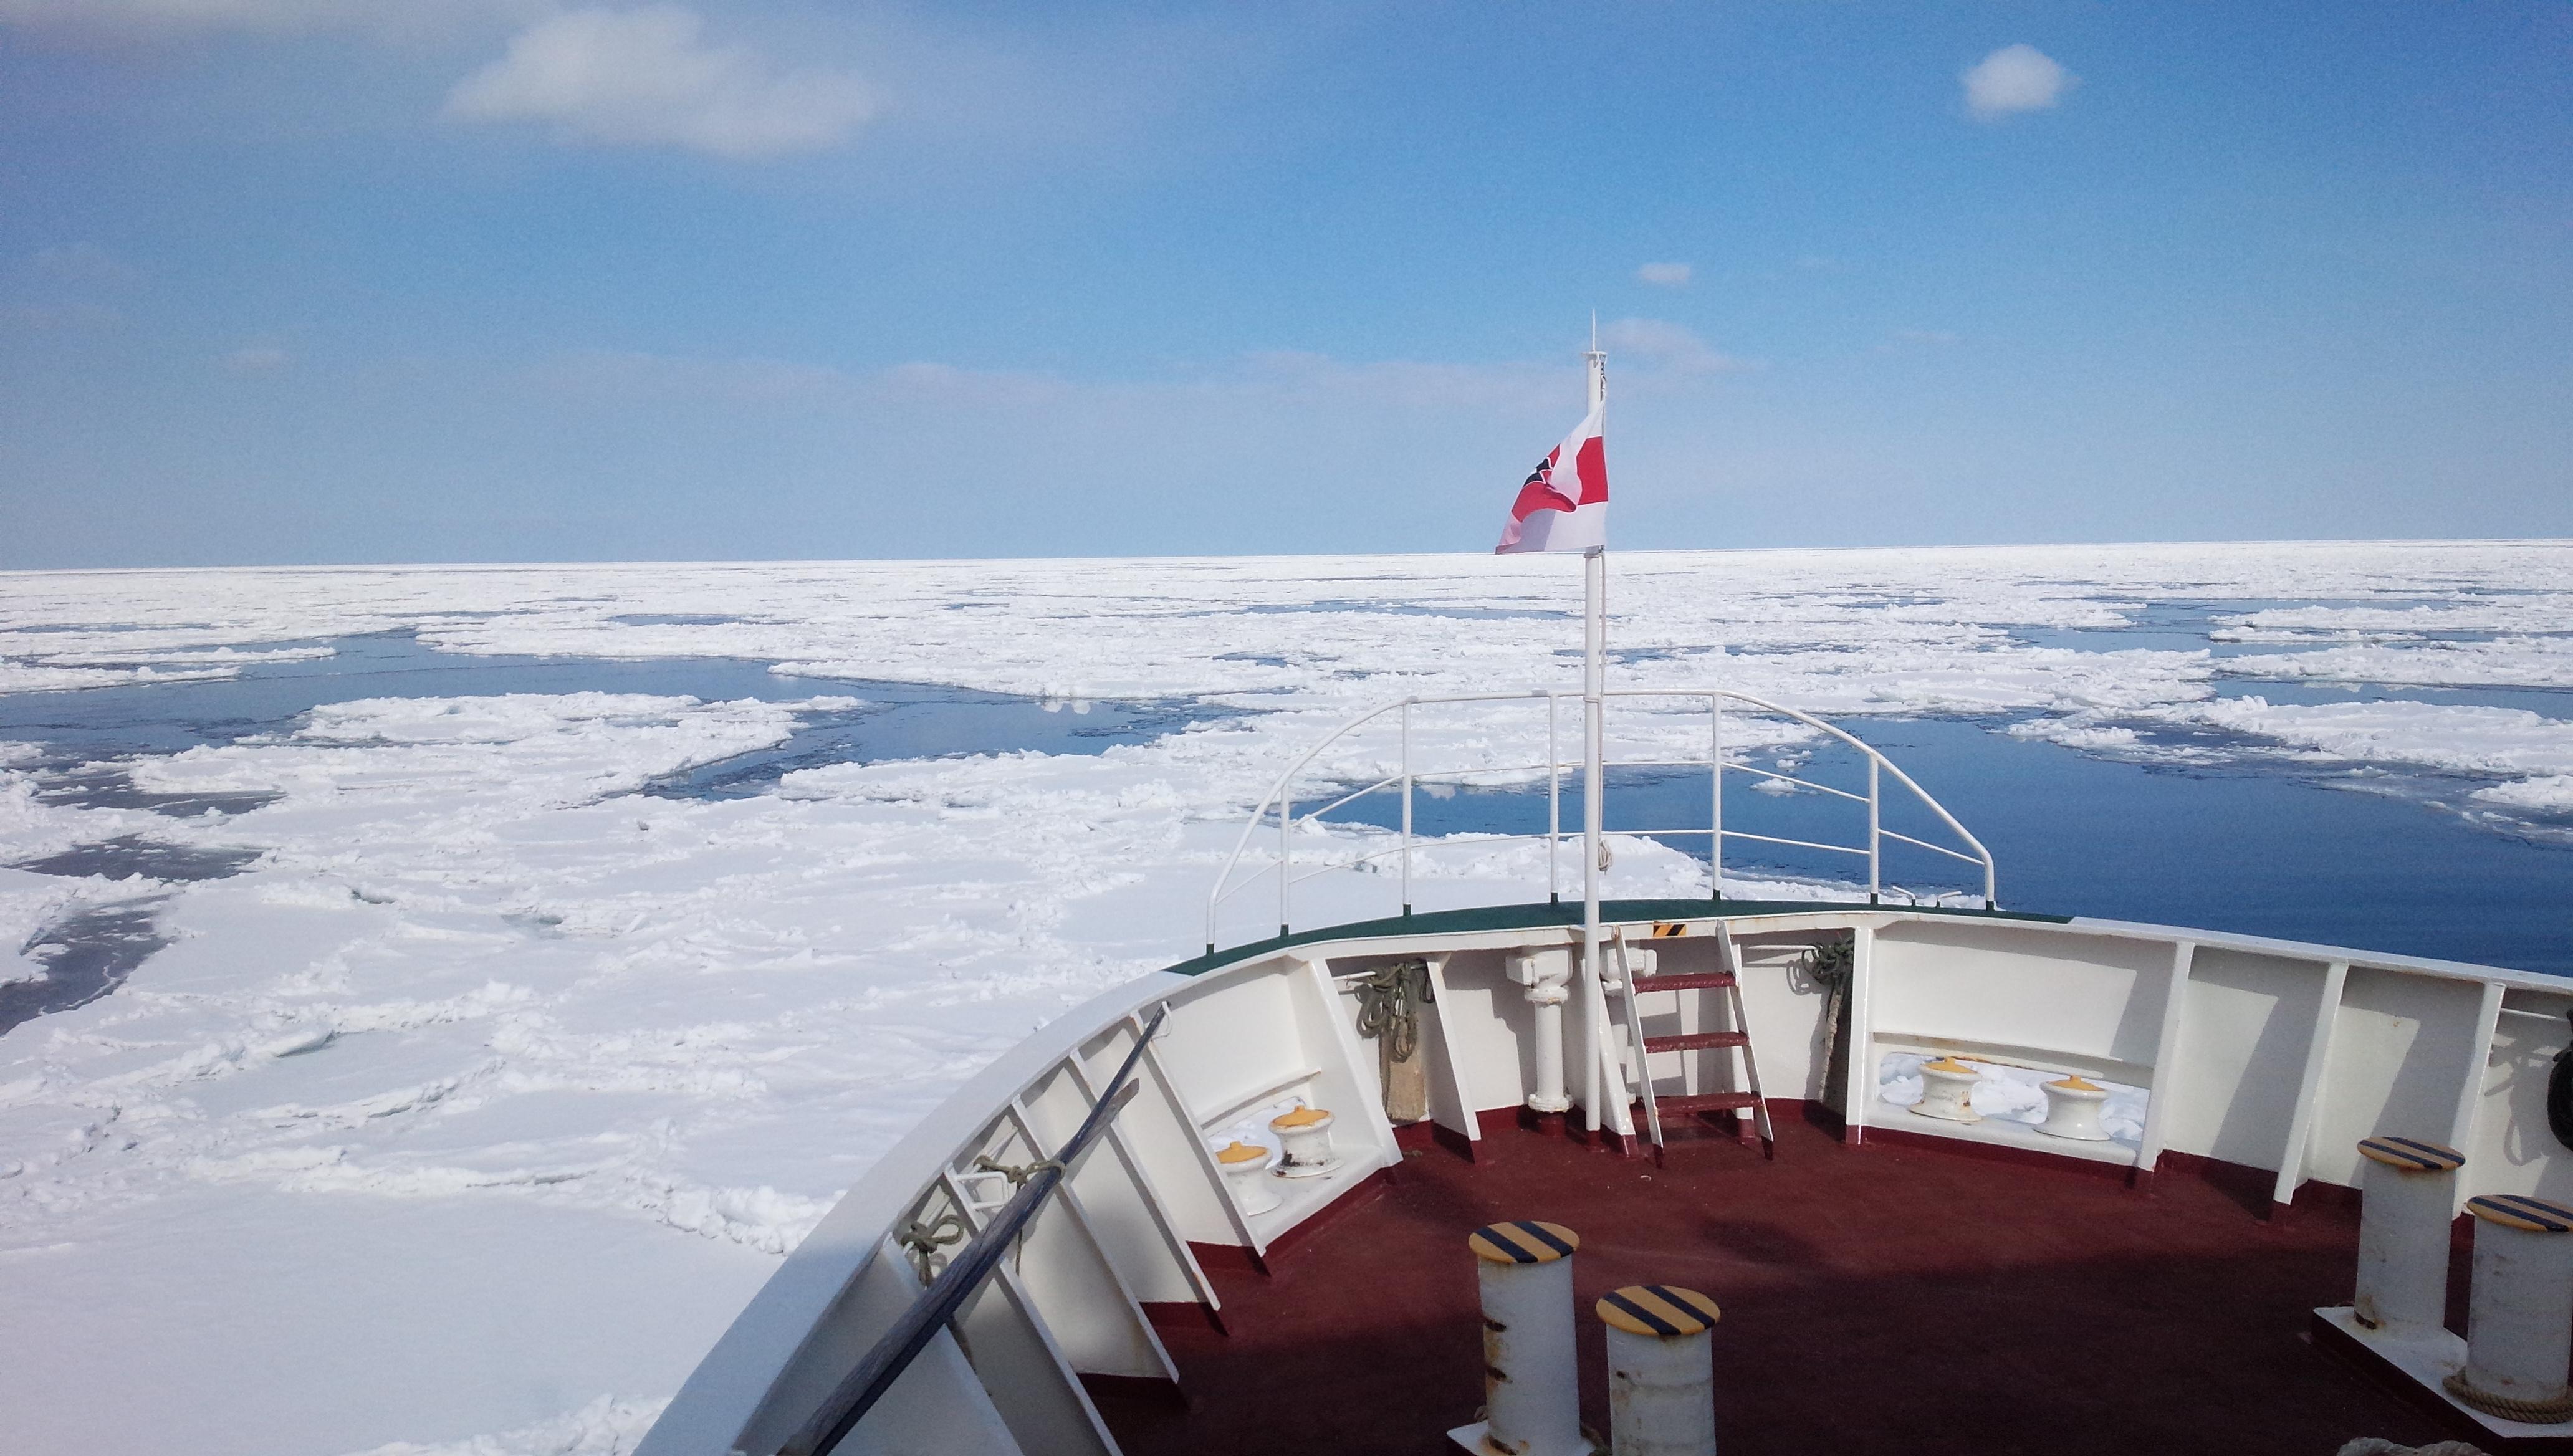 オホーツク海の流氷(砕氷船)